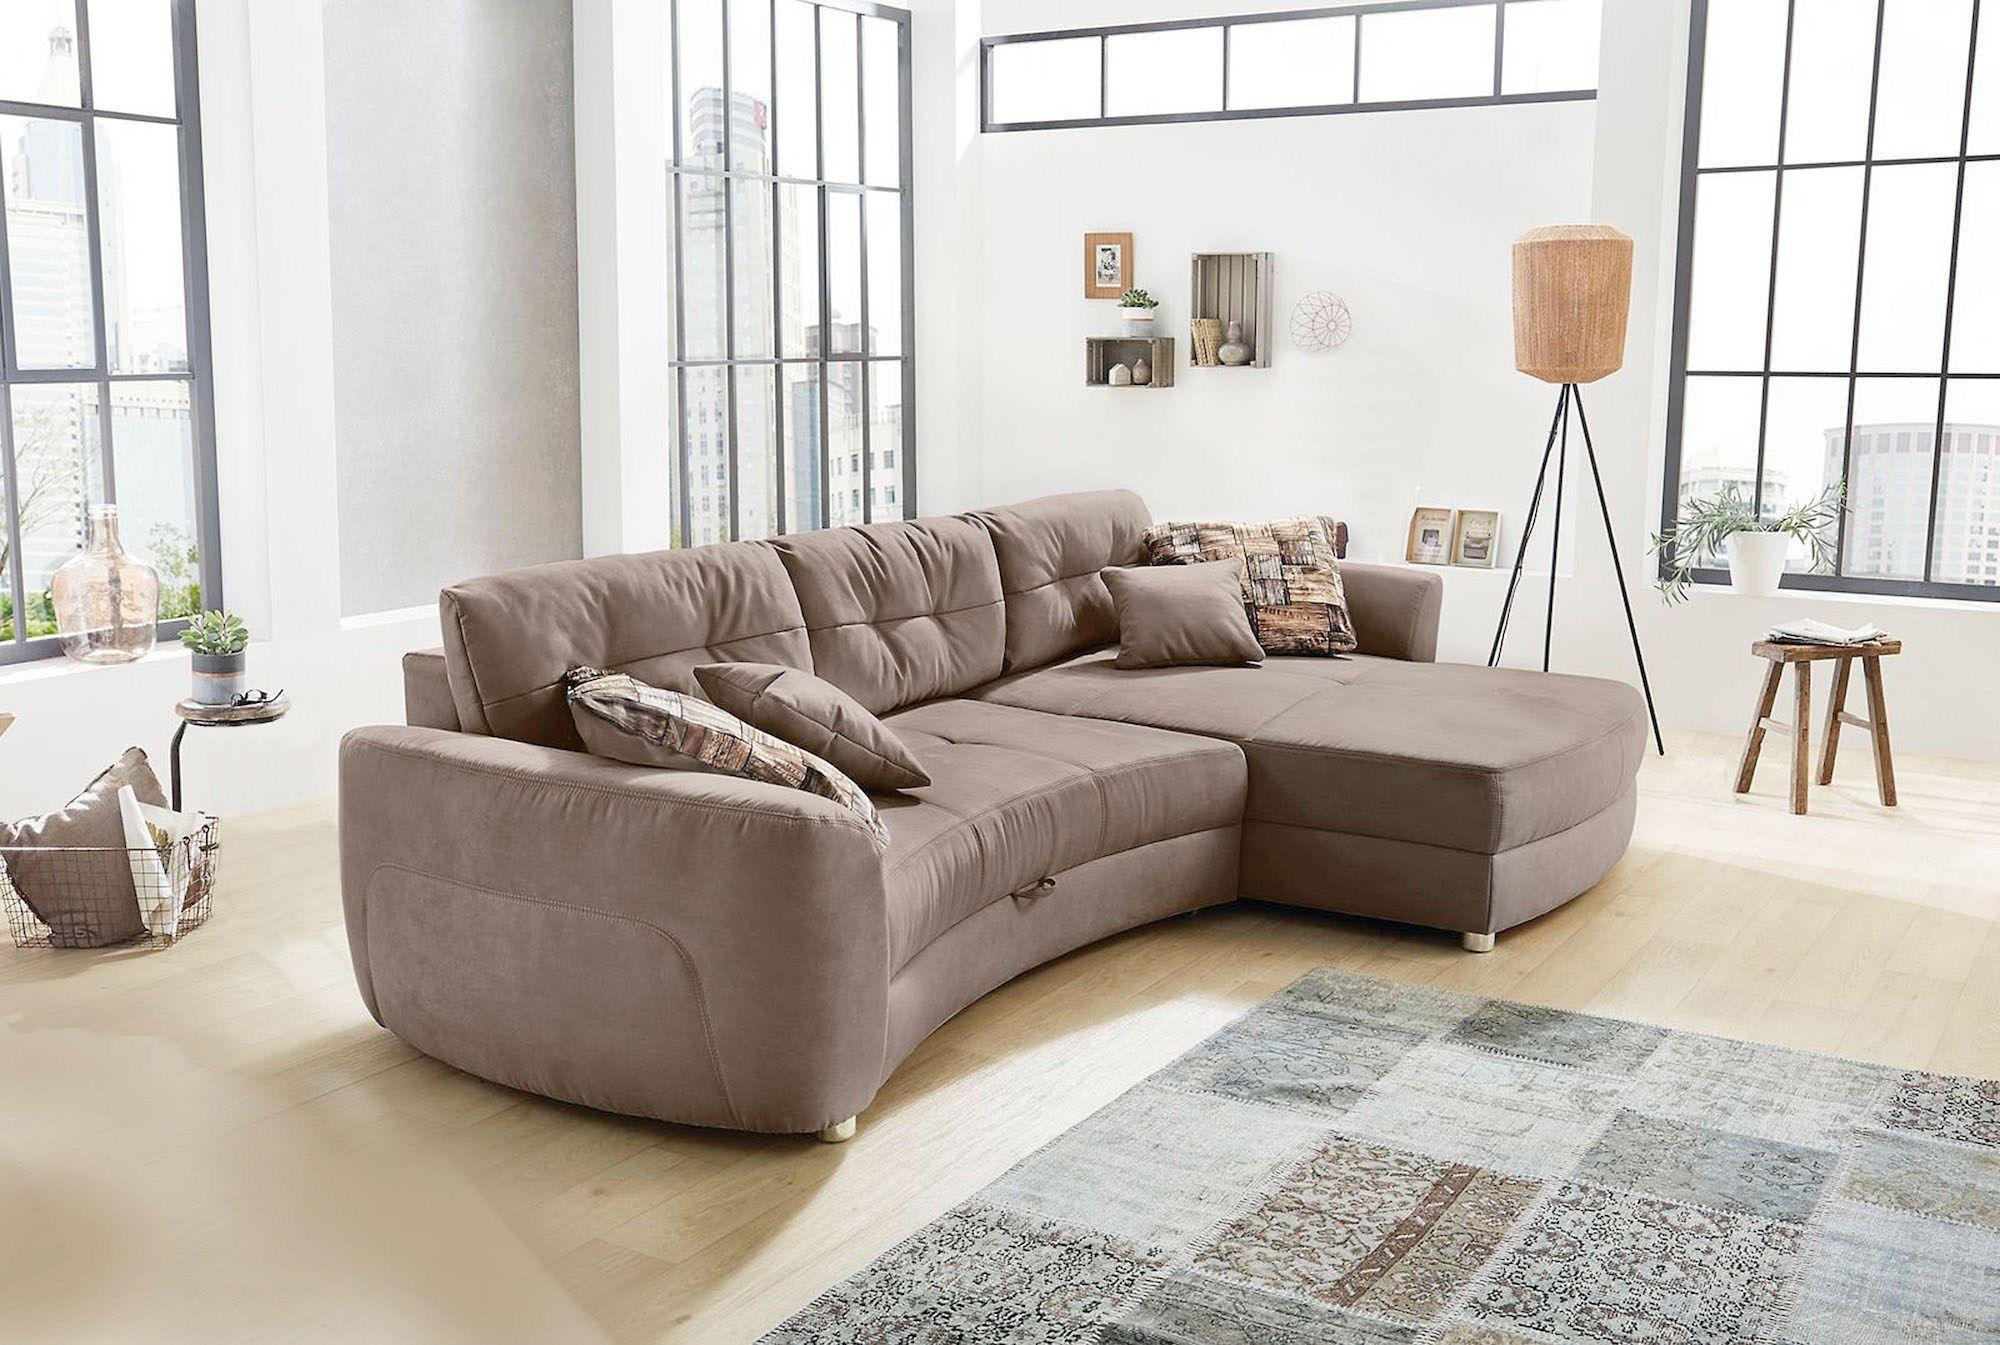 Sofa Wohnzimmer Sofa 3 Sitze Classic Wohnzimmer Verschiedene